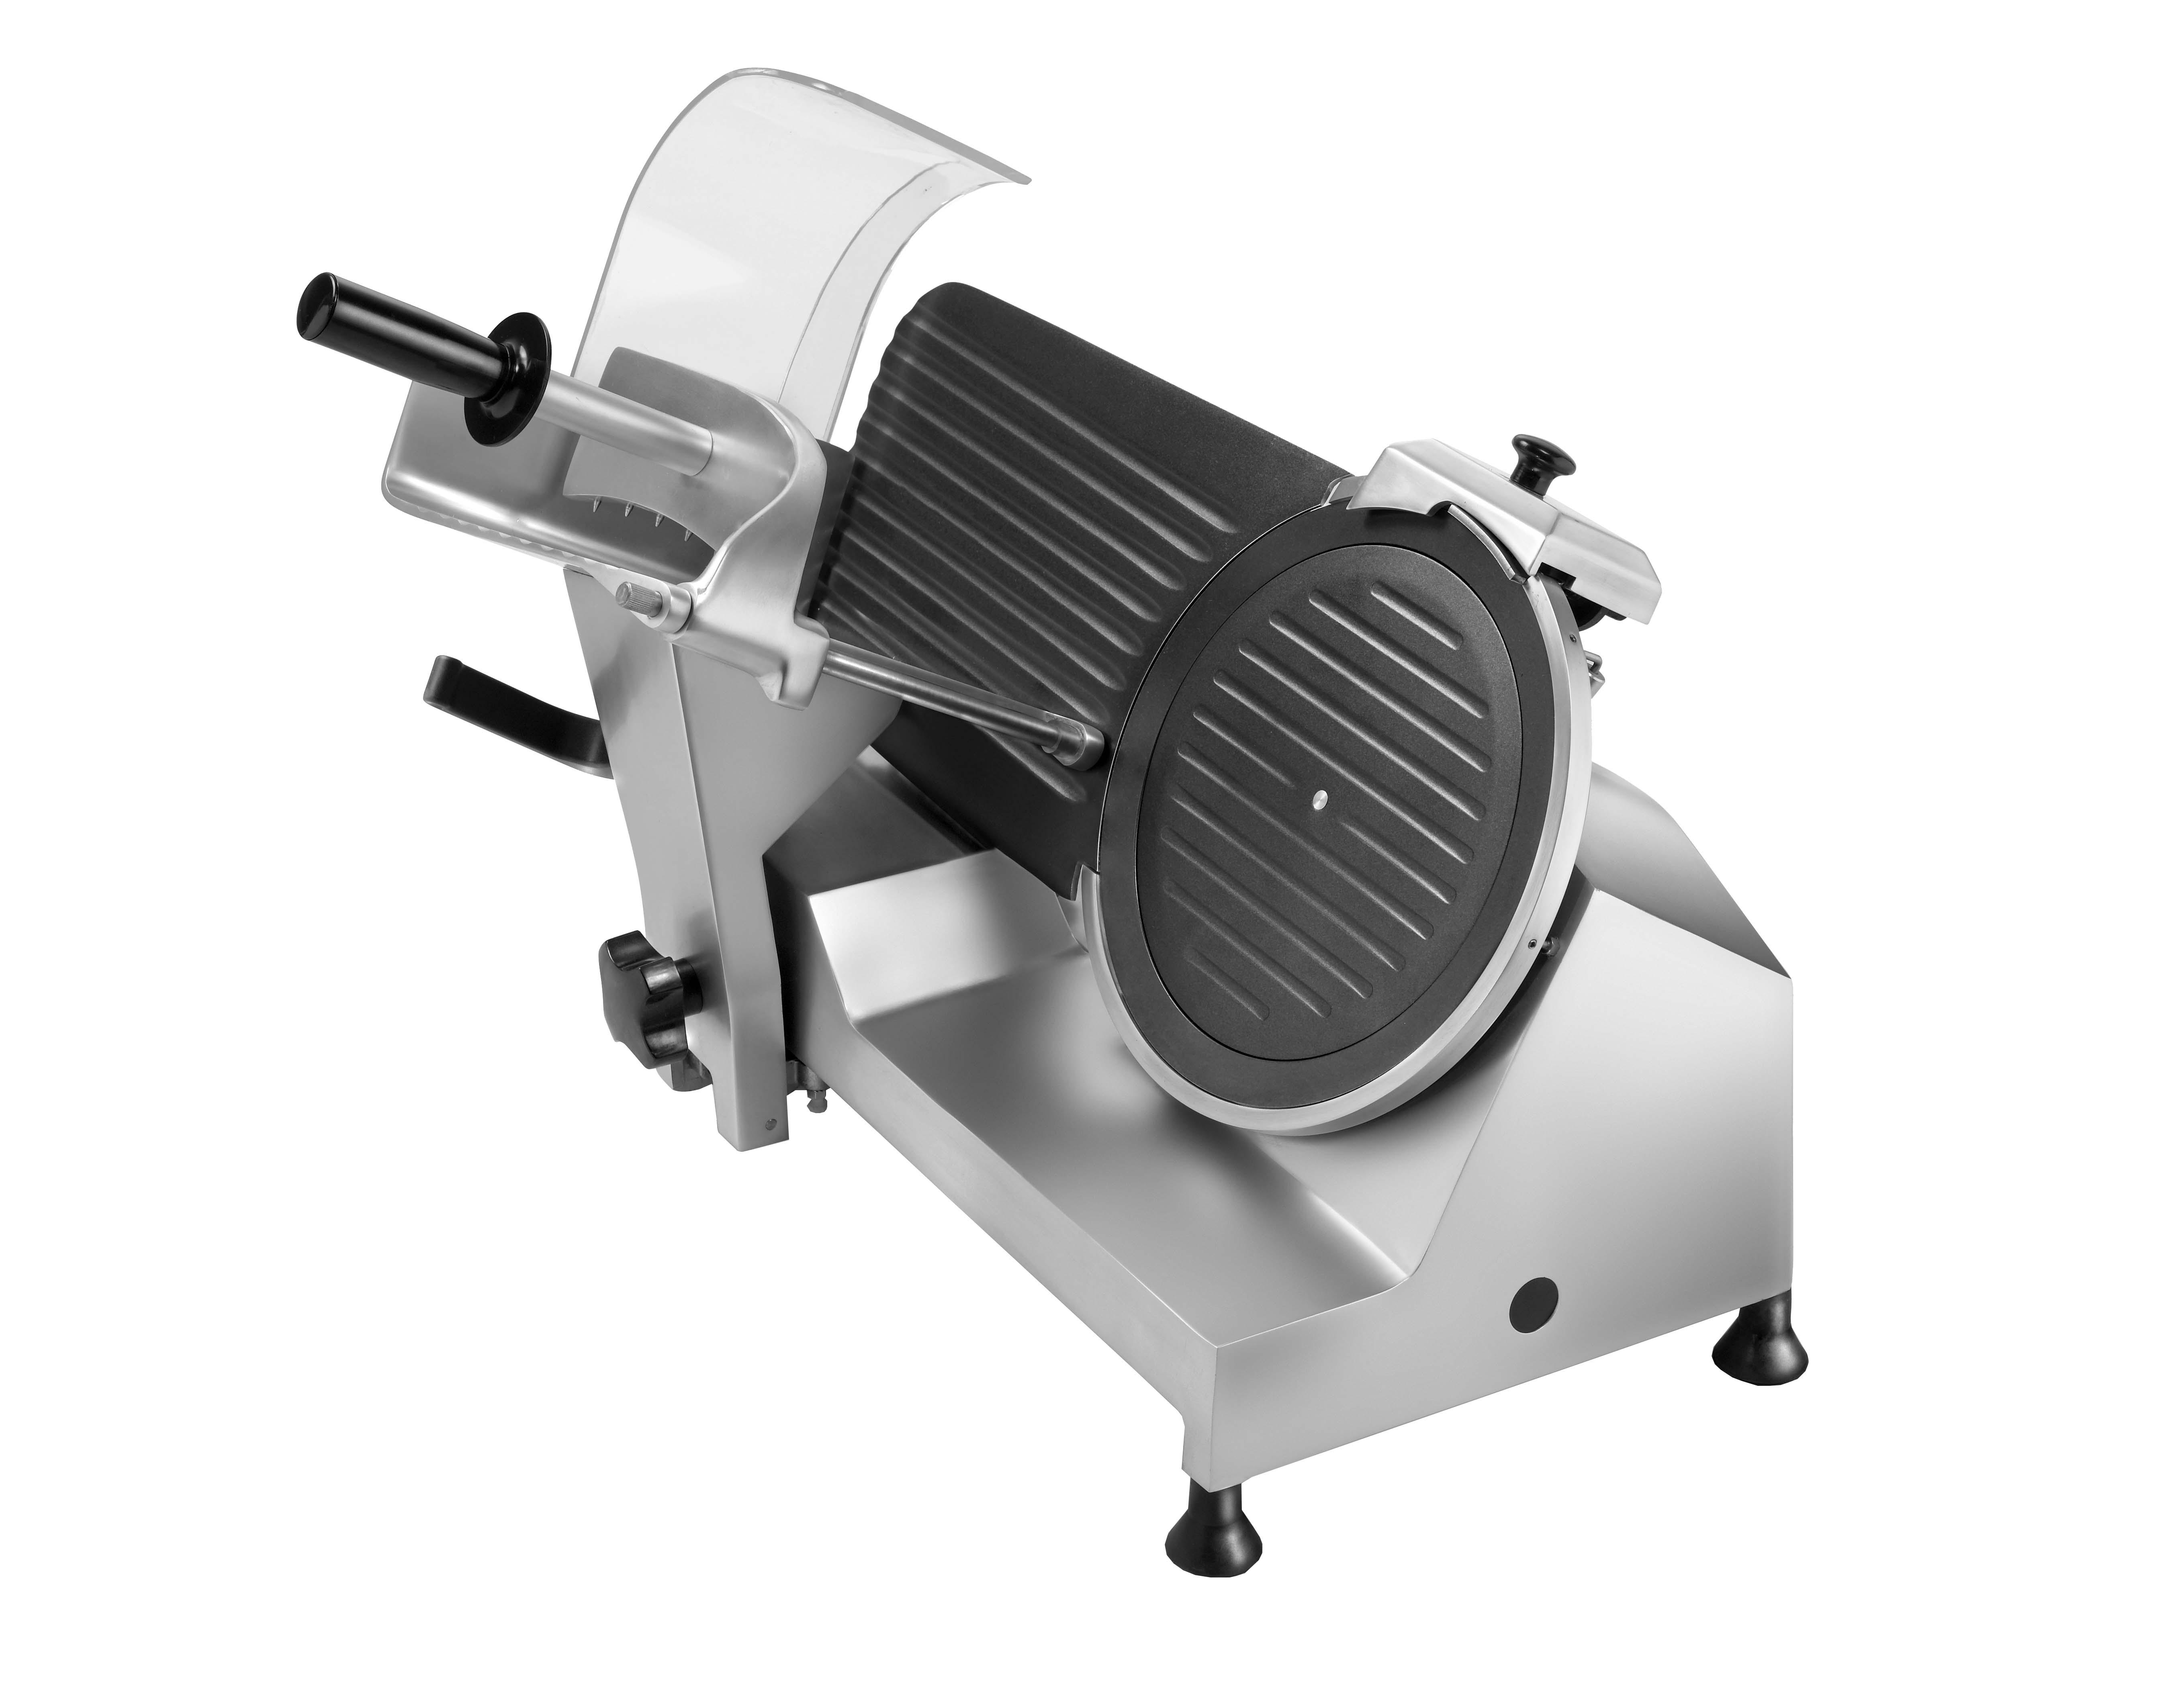 sls2301--slicer-rheninghaus-start-cheese--300mm